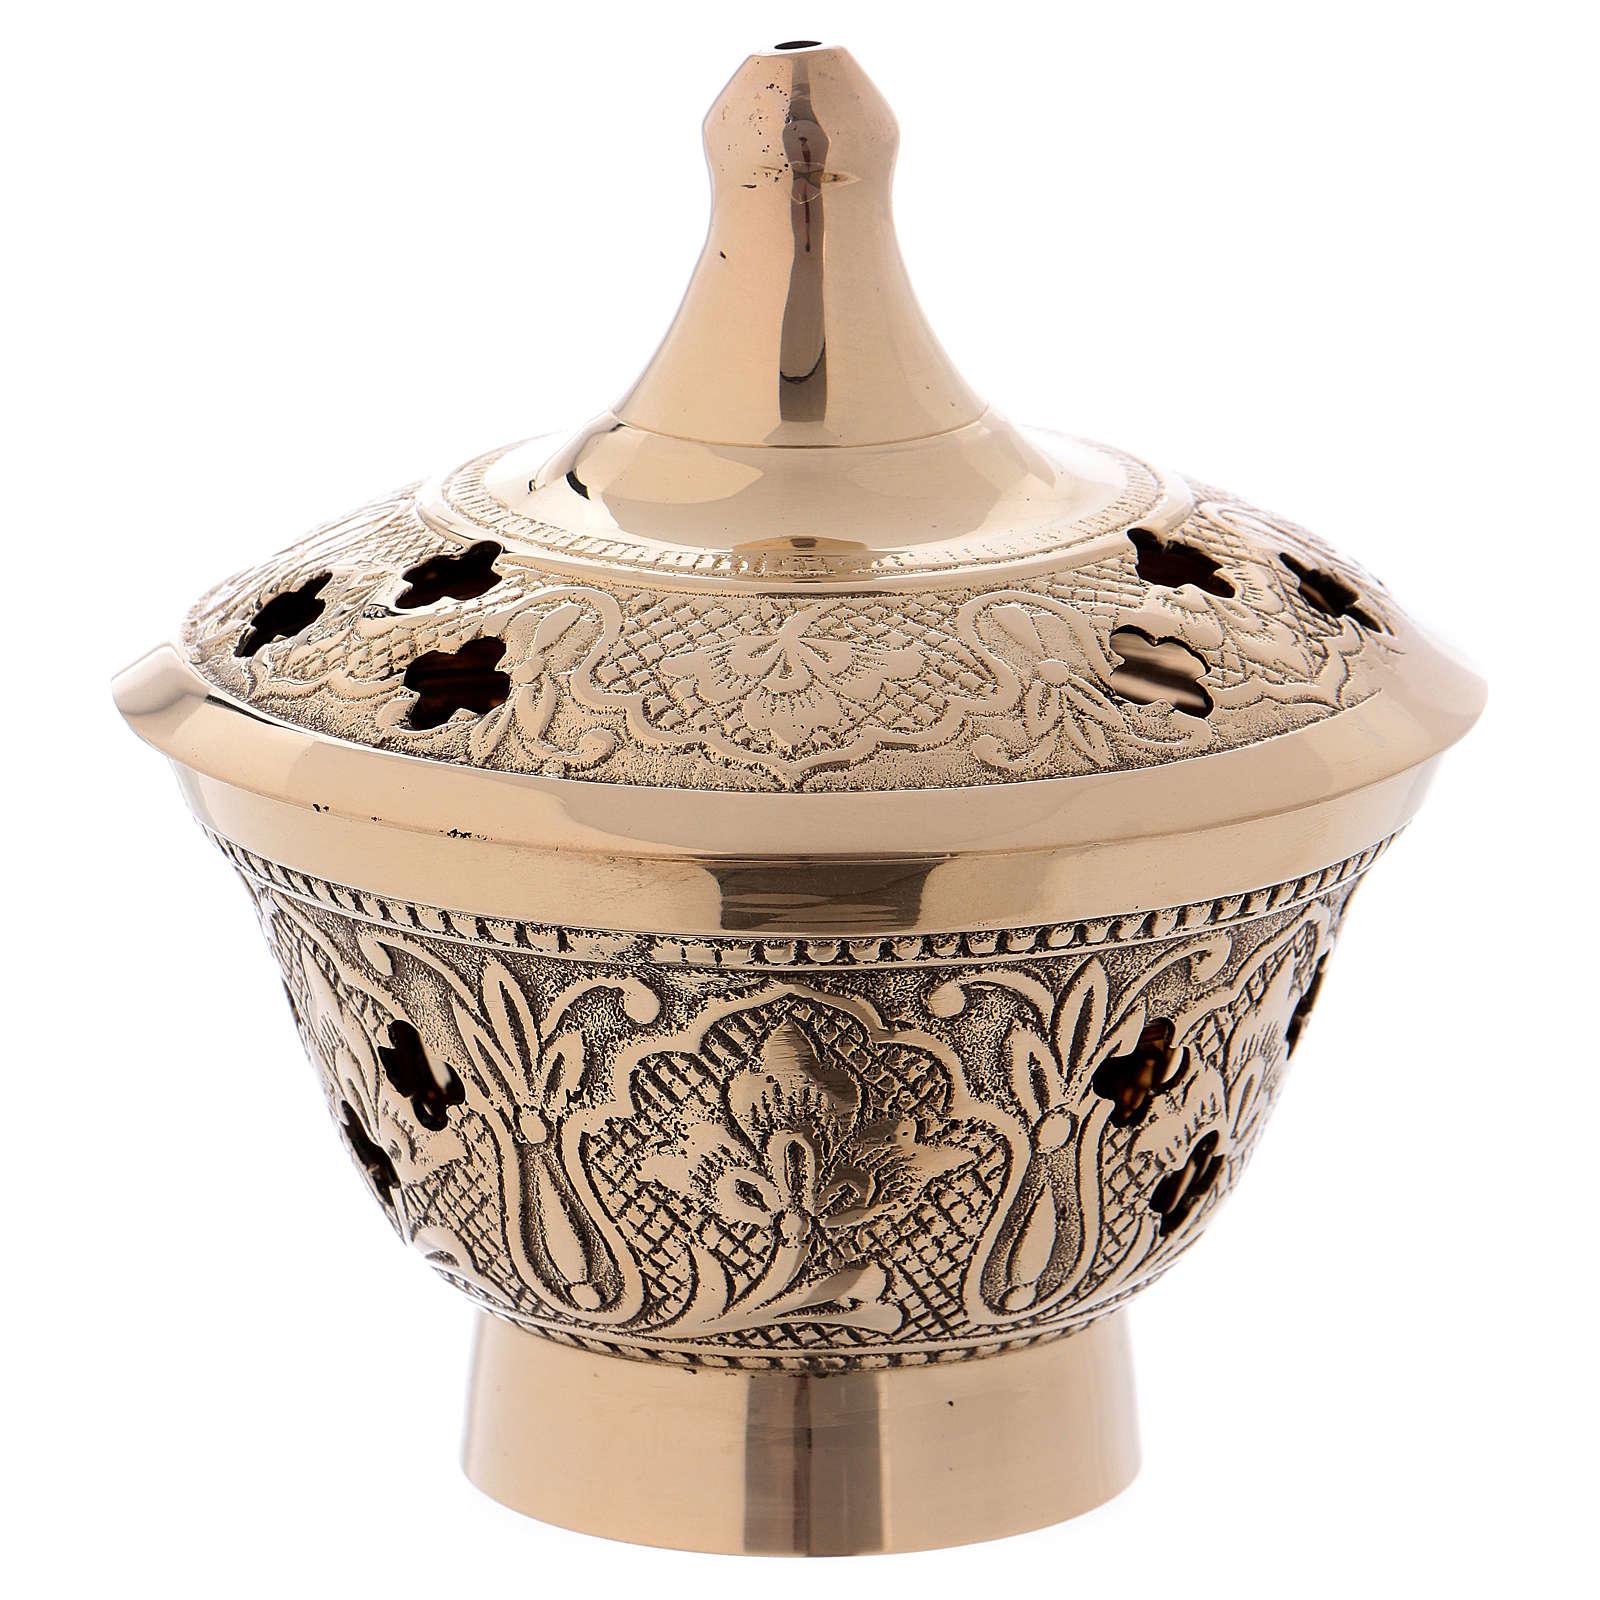 Brûleur encens en laiton doré vieilli avec décoration en relief 3